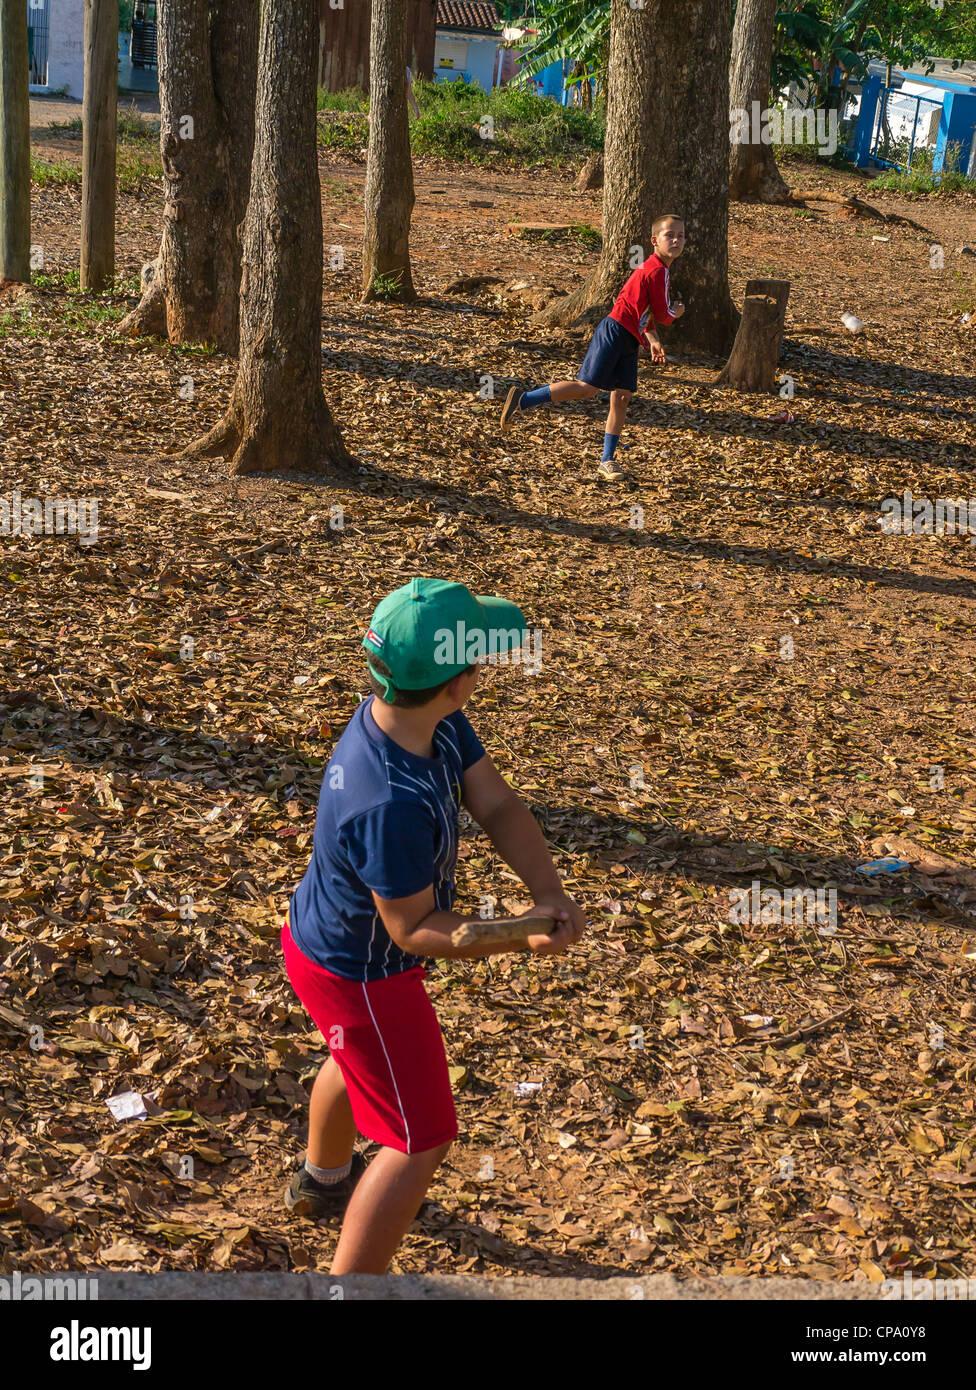 Deux garçons jouer ball stick avec un bâton de baseball pour une chauve-souris et une bouteille d'ordonnance Photo Stock